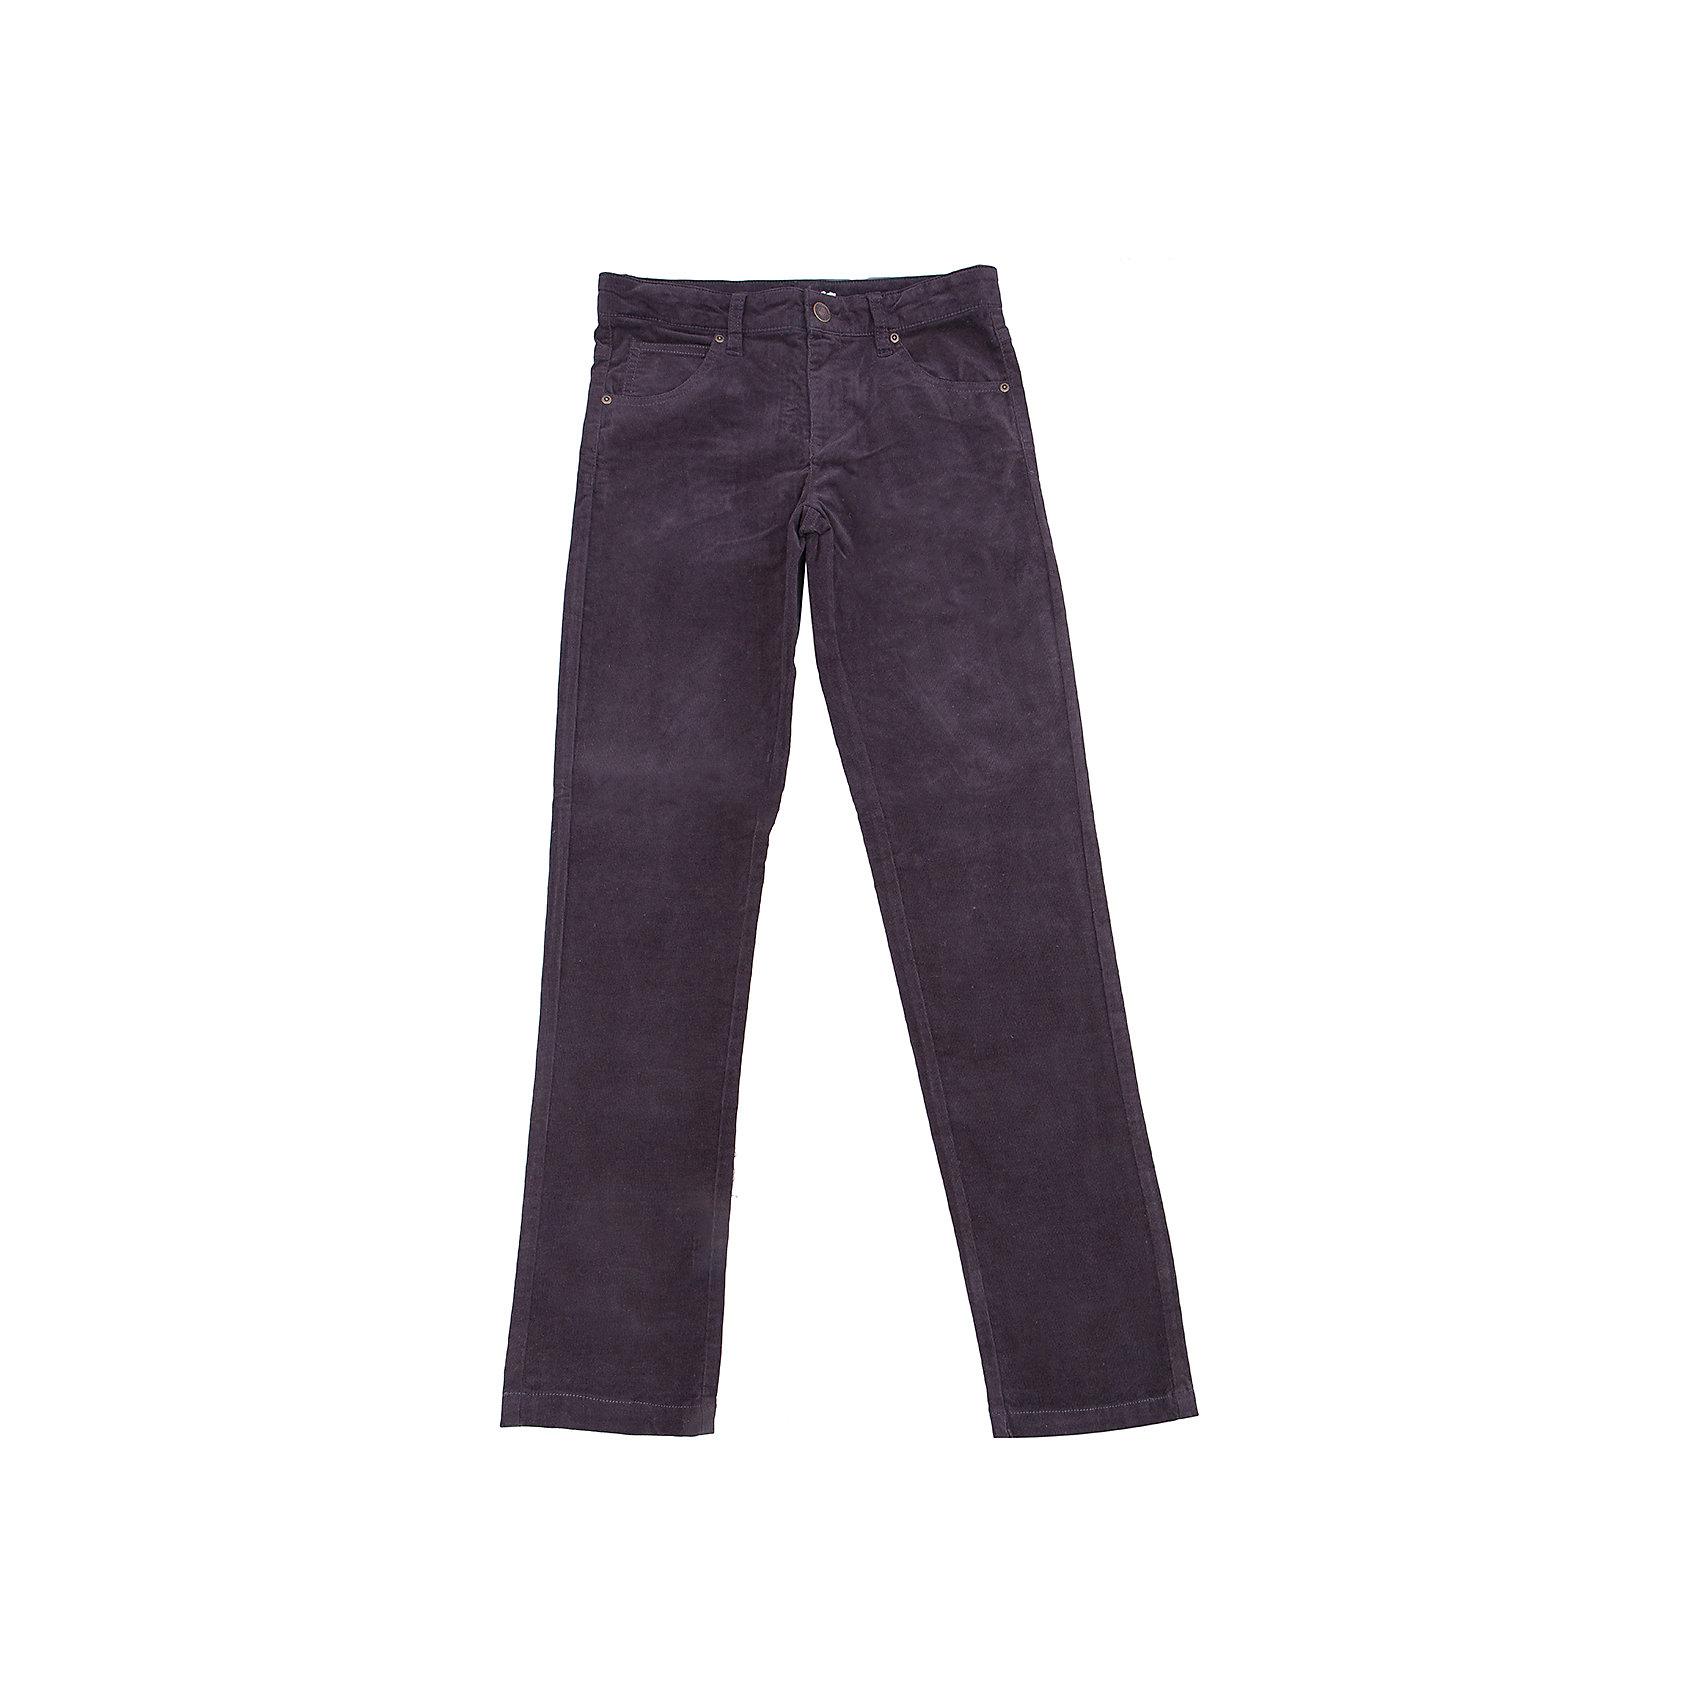 Брюки для мальчика SELAБрюки<br>Классические брюки - незаменимая вещь в детском гардеробе. Эта модель отлично сидит на ребенке, она сшита из плотного материала, натуральный хлопок не вызывает аллергии и обеспечивает ребенку комфорт. Модель станет отличной базовой вещью, которая будет уместна в различных сочетаниях.<br>Одежда от бренда Sela (Села) - это качество по приемлемым ценам. Многие российские родители уже оценили преимущества продукции этой компании и всё чаще приобретают одежду и аксессуары Sela.<br><br>Дополнительная информация:<br><br>прямой силуэт;<br>материал: 98% хлопок, 2% эластан;<br>плотный материал.<br><br>Брюки для мальчика от бренда Sela можно купить в нашем интернет-магазине.<br><br>Ширина мм: 215<br>Глубина мм: 88<br>Высота мм: 191<br>Вес г: 336<br>Цвет: черный<br>Возраст от месяцев: 132<br>Возраст до месяцев: 144<br>Пол: Мужской<br>Возраст: Детский<br>Размер: 152,116,122,128,134,140,146<br>SKU: 5008049